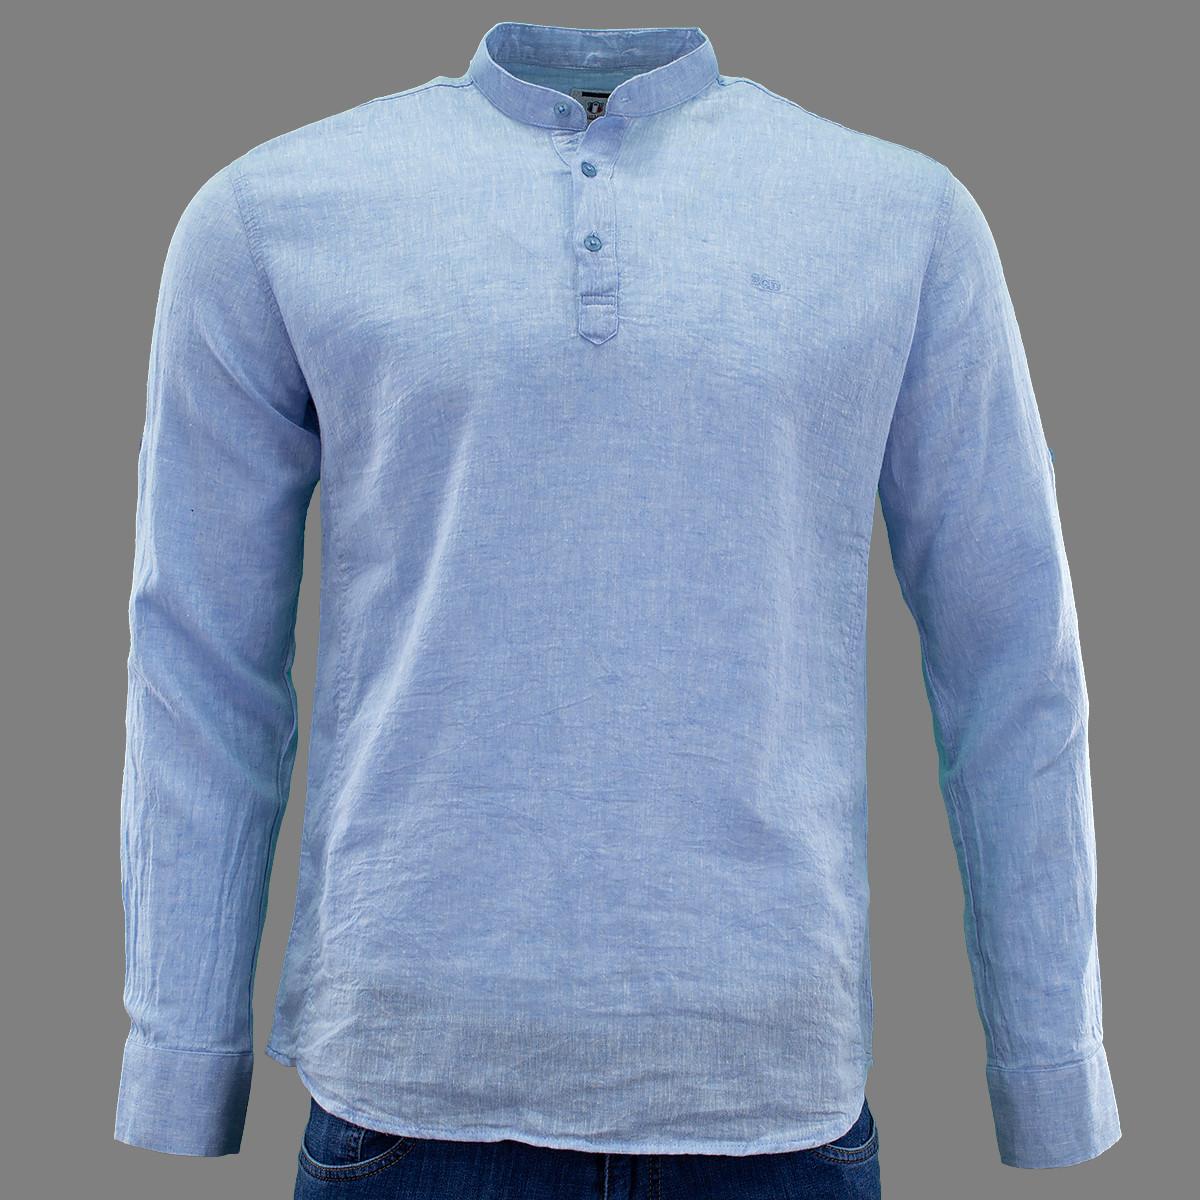 Сорочка чоловіча, приталена (Slim Fit), з довгим рукавом Bagarda BG5732 BLUE 80% льон 20% бавовна XL(Р)